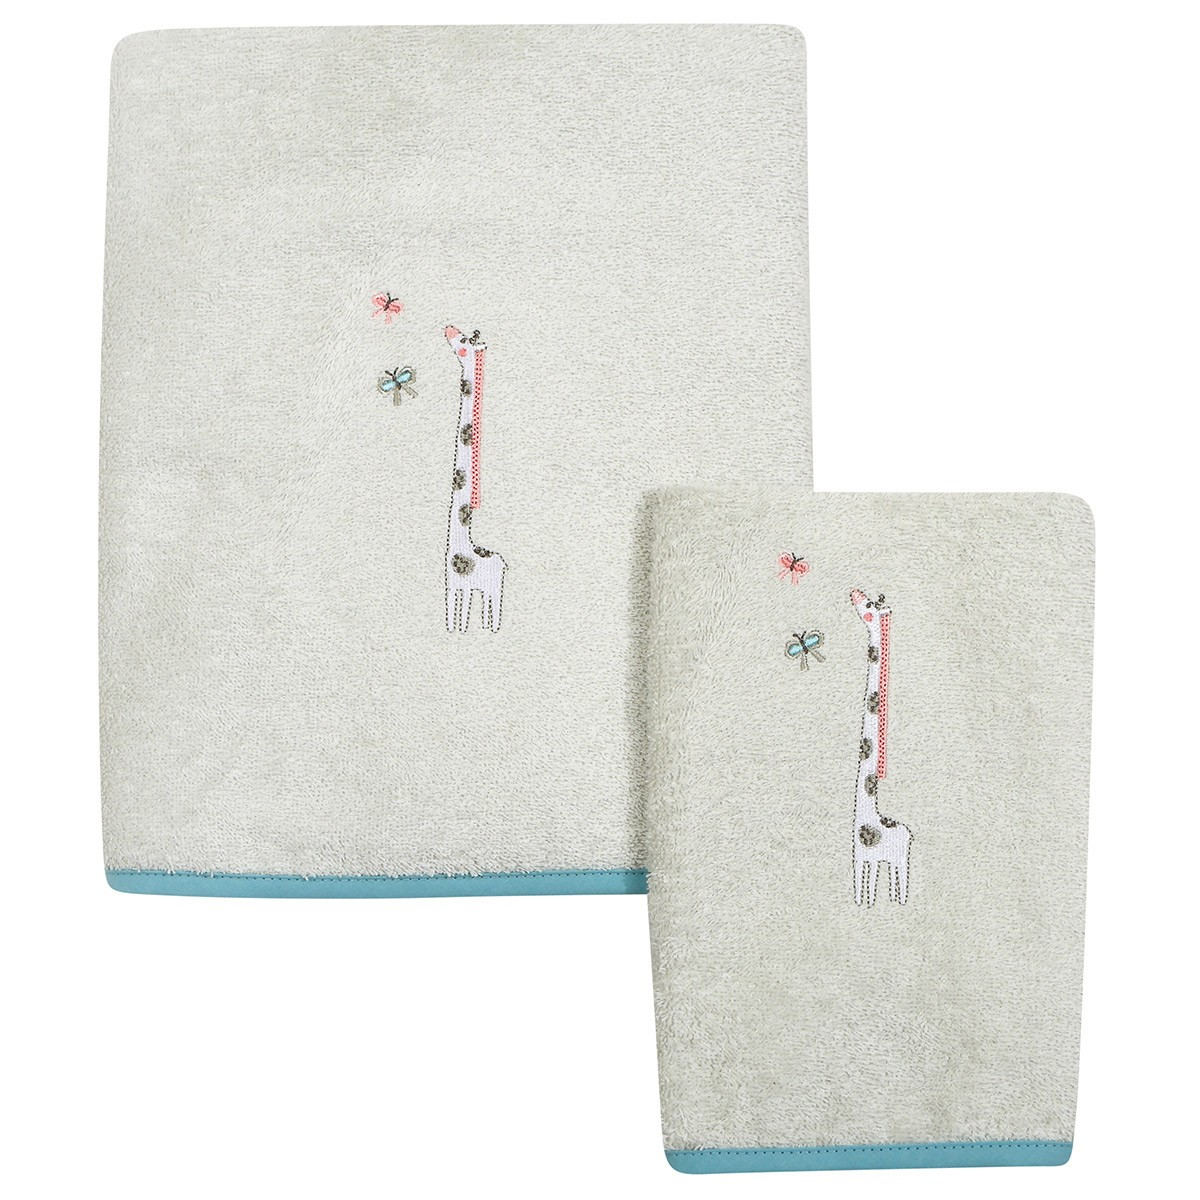 Βρεφικές Πετσέτες (Σετ 2τμχ) Das Home Smile 6459